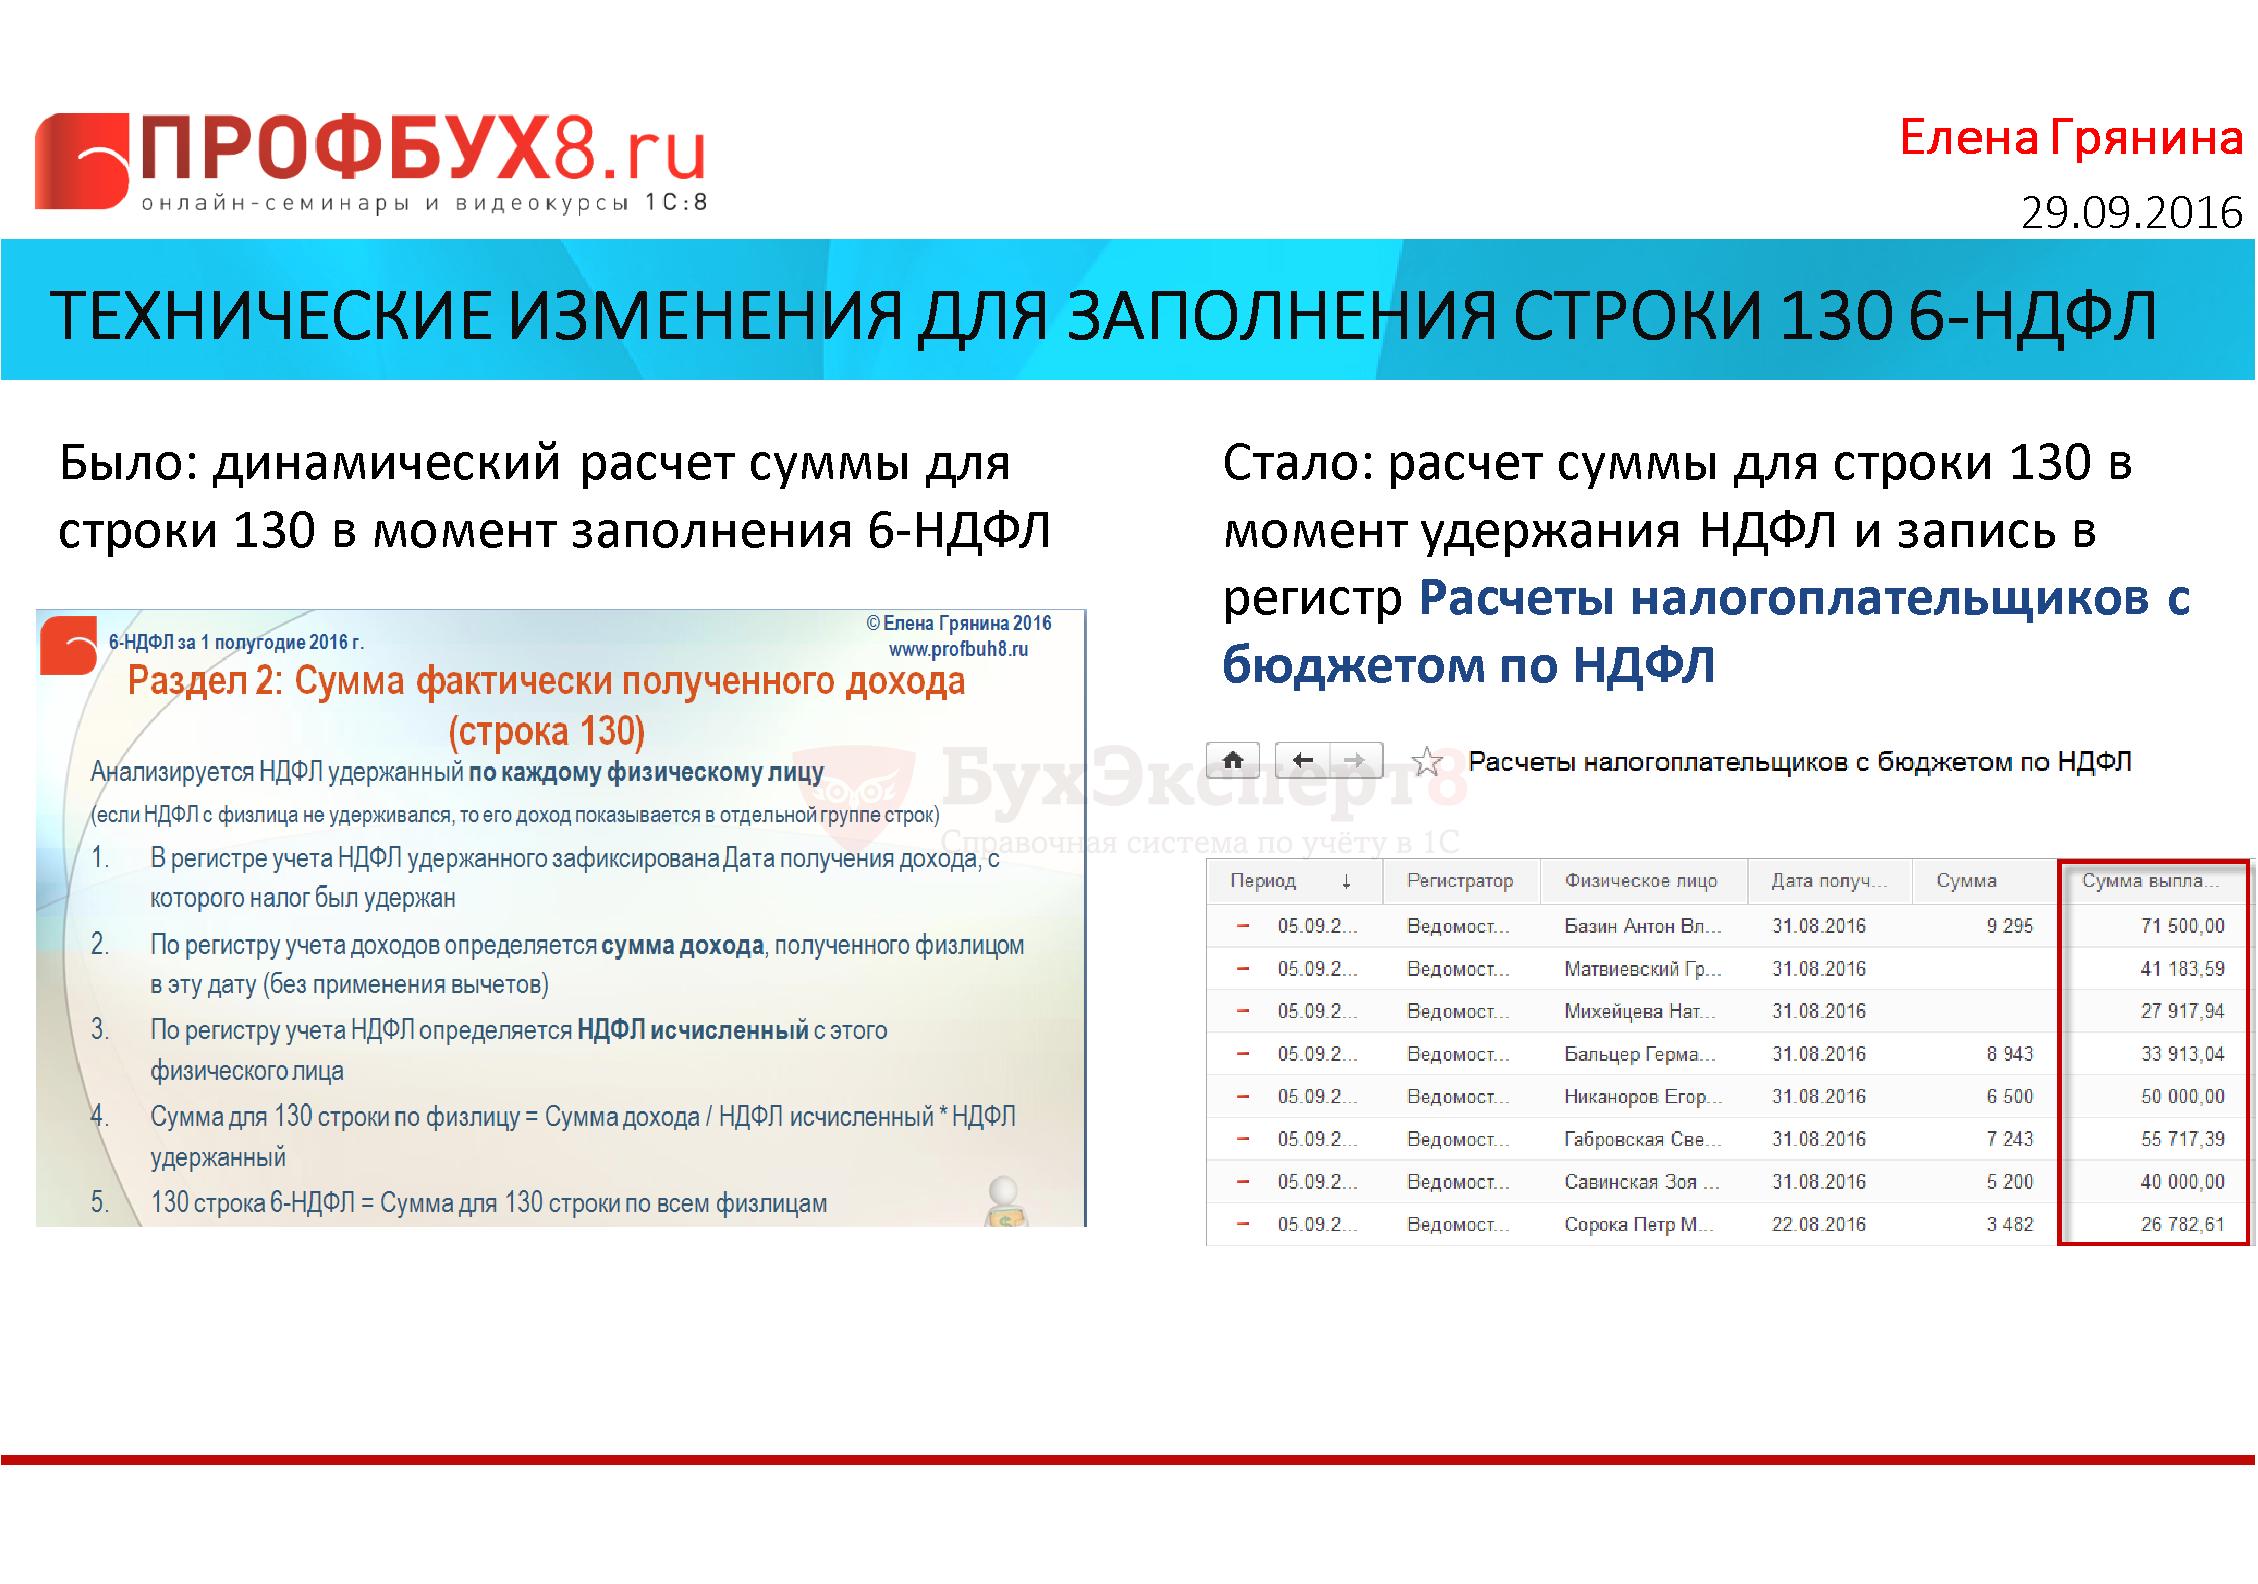 Стало: расчет суммы для строки 130 в момент удержания НДФЛ и запись в регистр Расчеты налогоплательщиков с бюджетом по НДФЛ